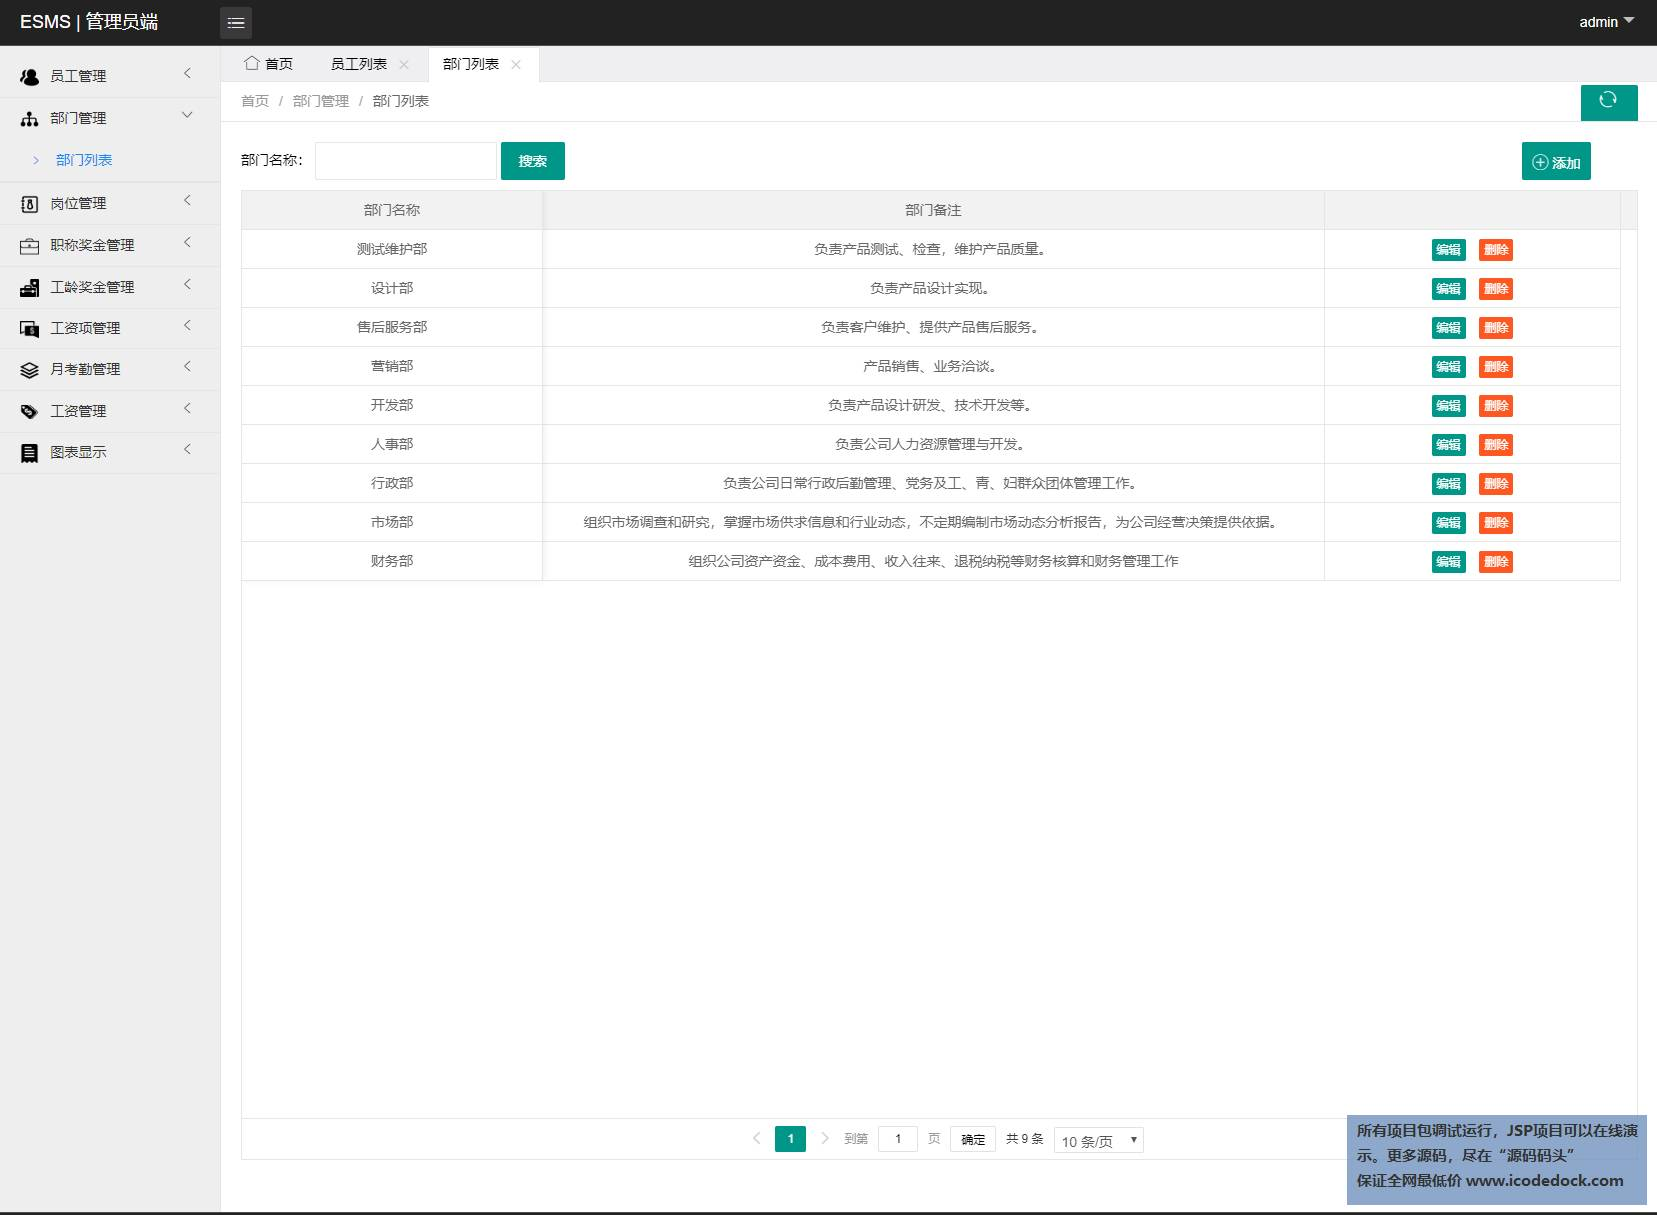 源码码头-SSM企业OA管理系统-管理员角色-部门管理